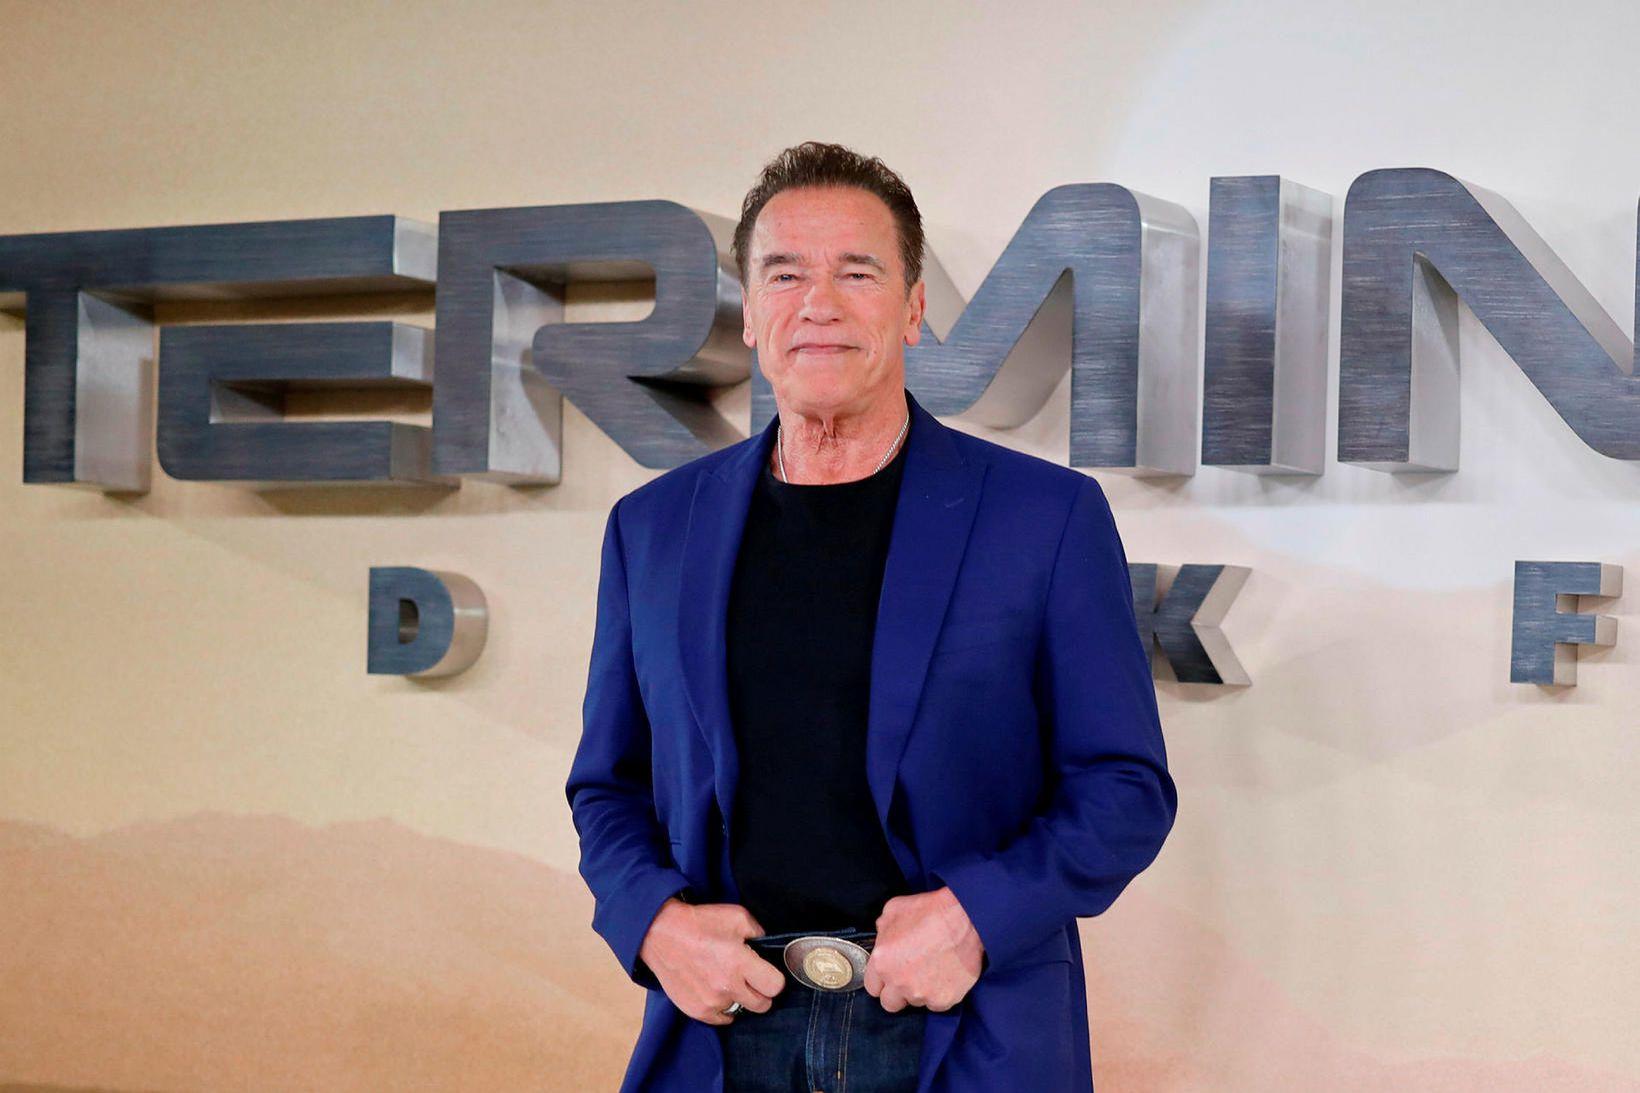 Arnold Schwarzenegger kynnir nýjustu myndina um Tortímandann, Dark Fate.